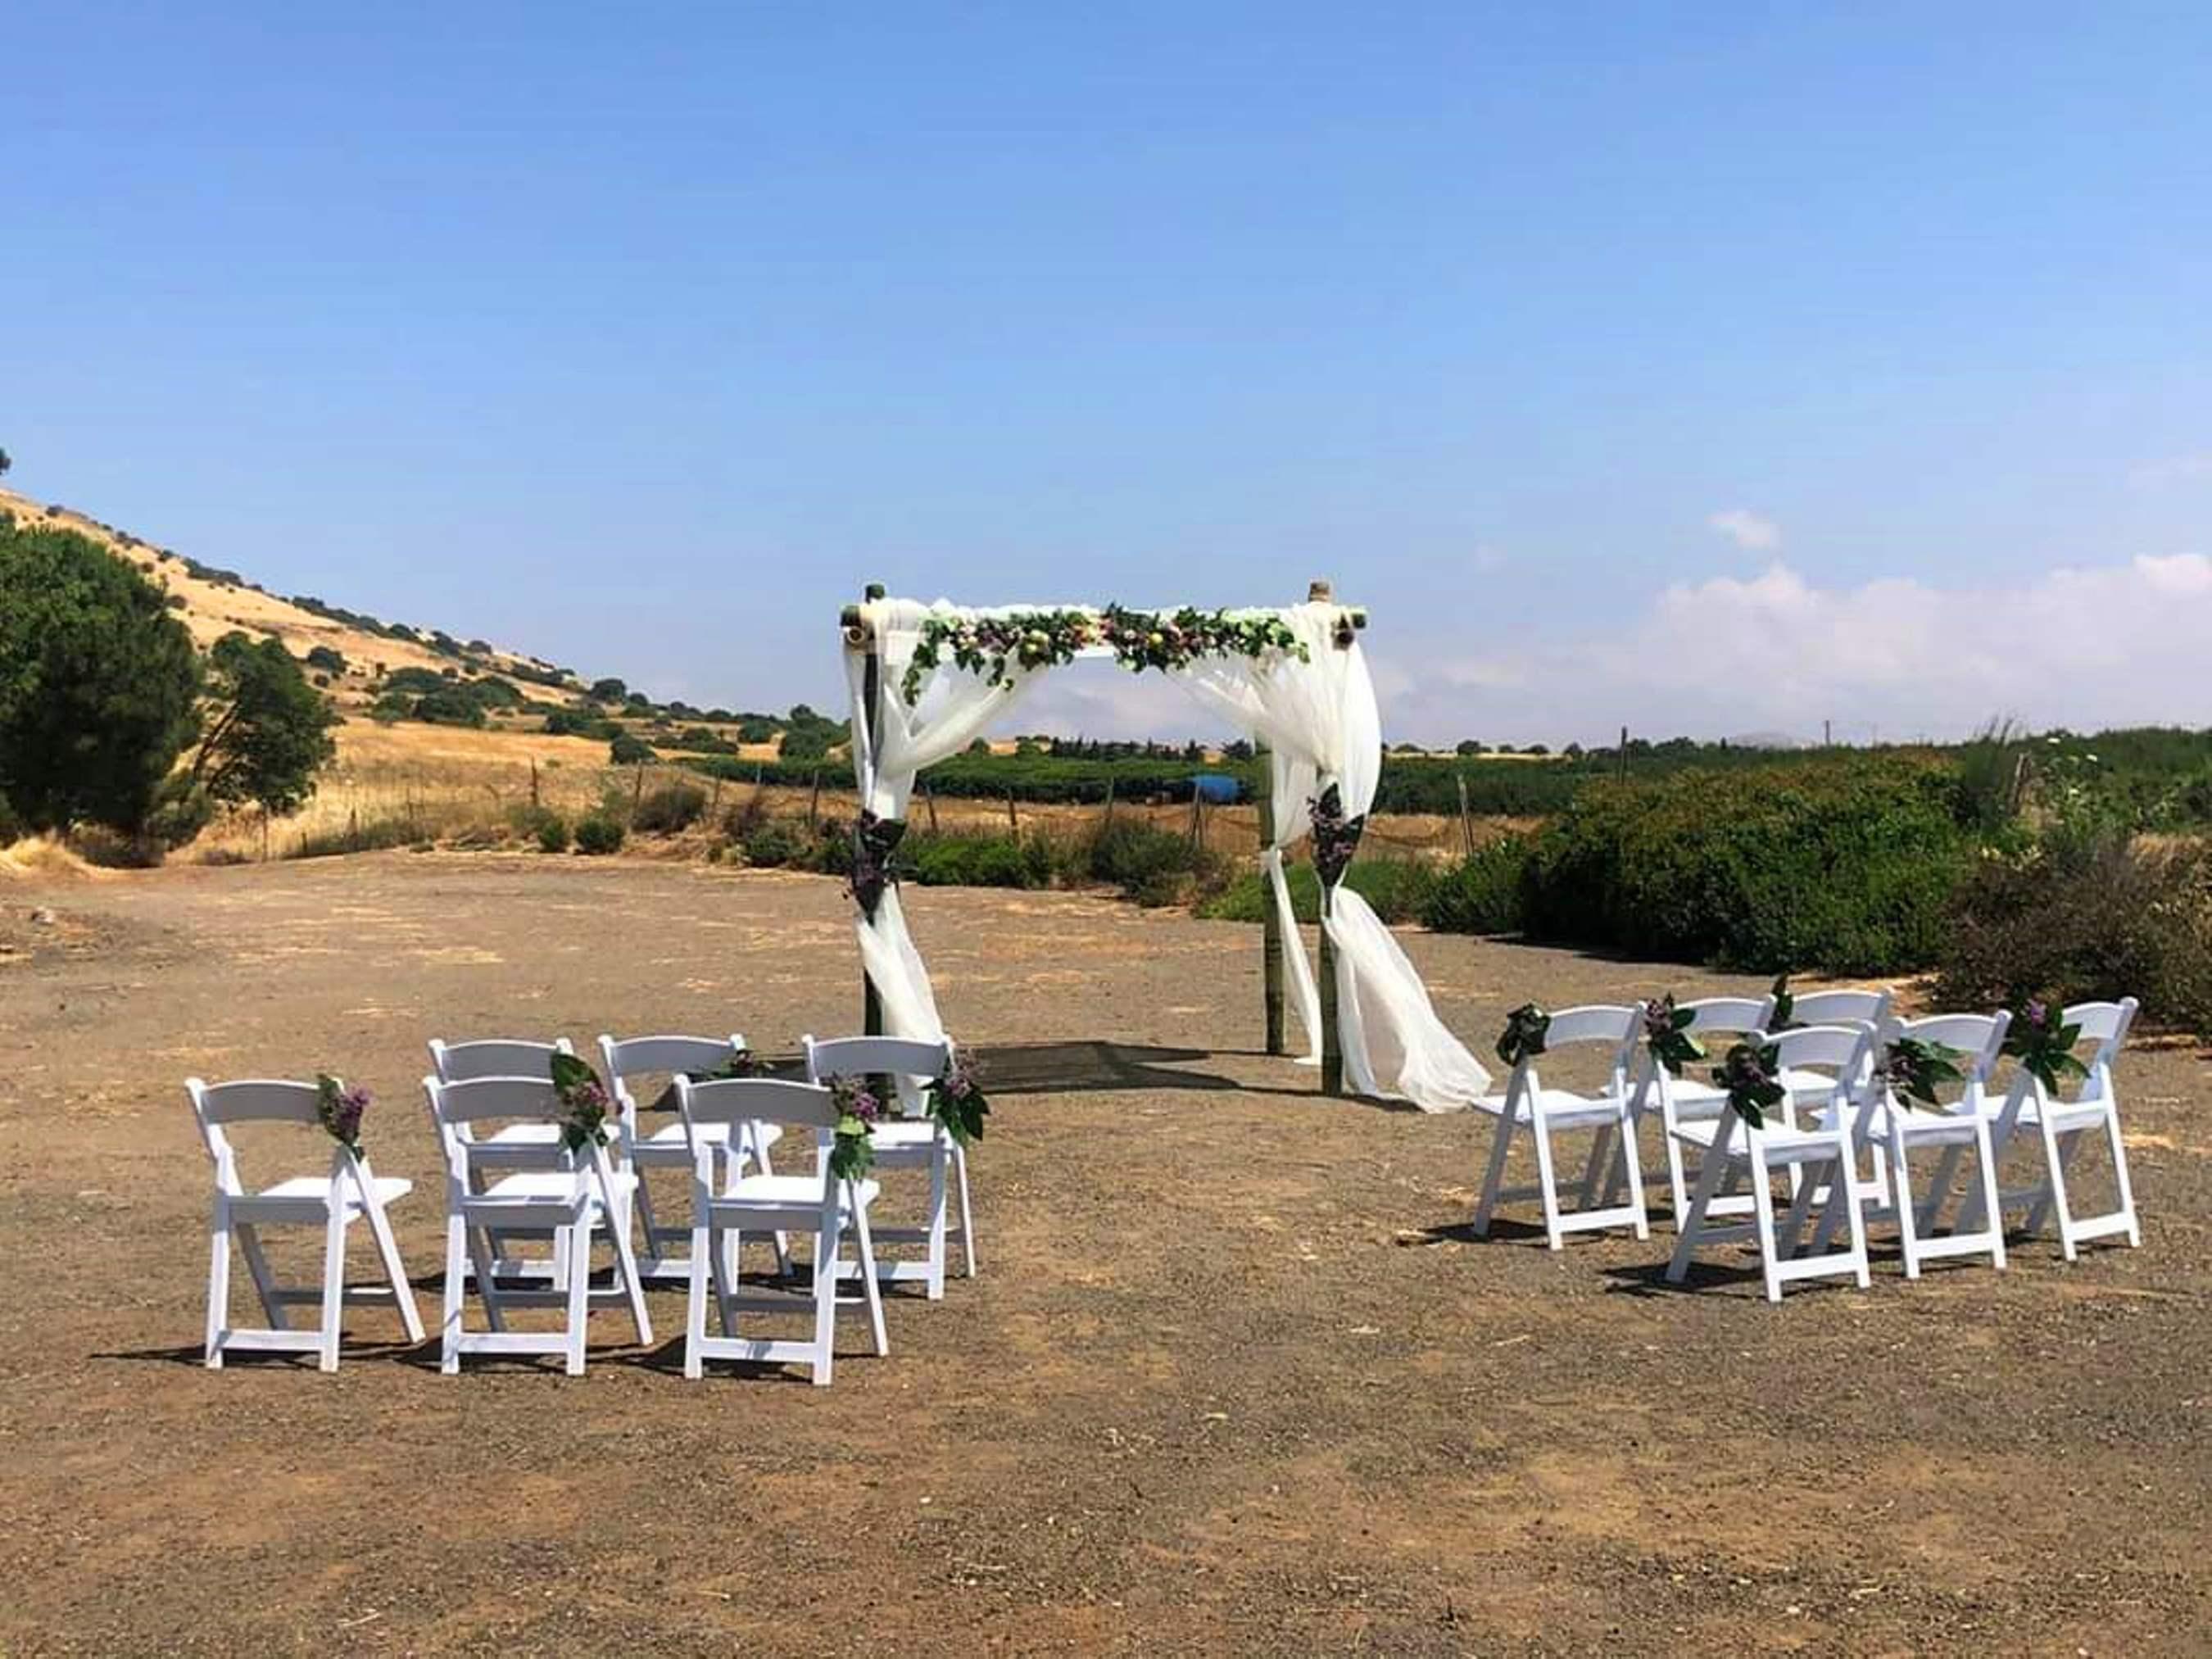 """תיירות עין זיוון מזמינה זוגות לערוך חתונה בבוסתן """"בראשית""""- המתחם לאירוע יוענק ללא תשלום"""